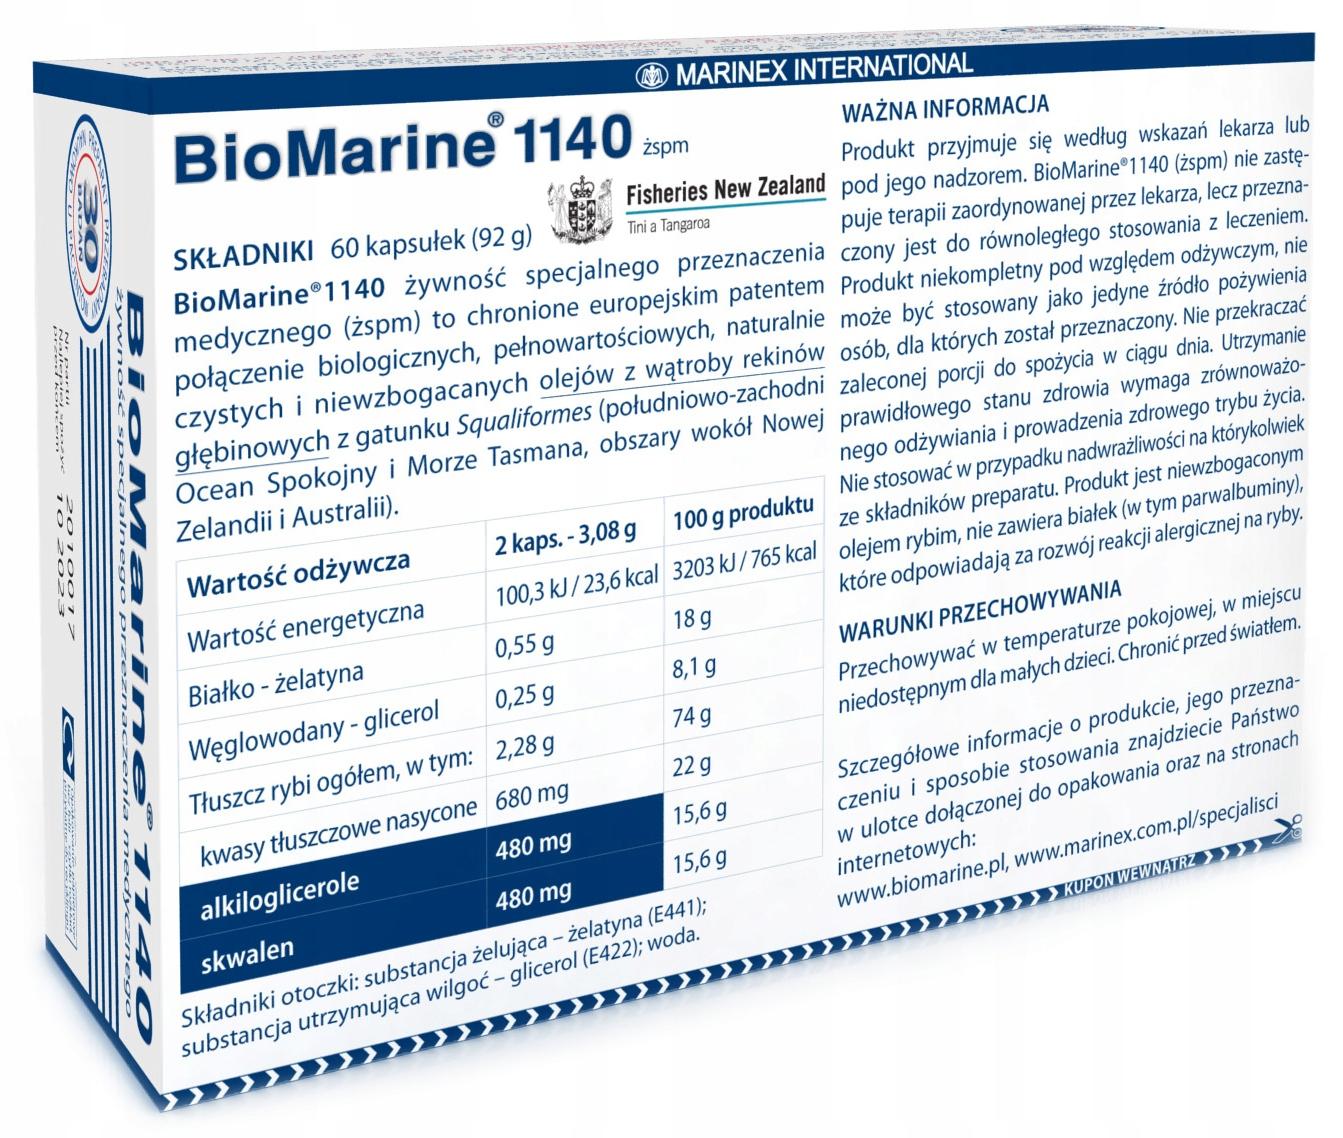 BIOMARINE 1140 Tran OLEJ Z WĄTROBY REKINA OMEGA-3 Kod producenta 5903839934018